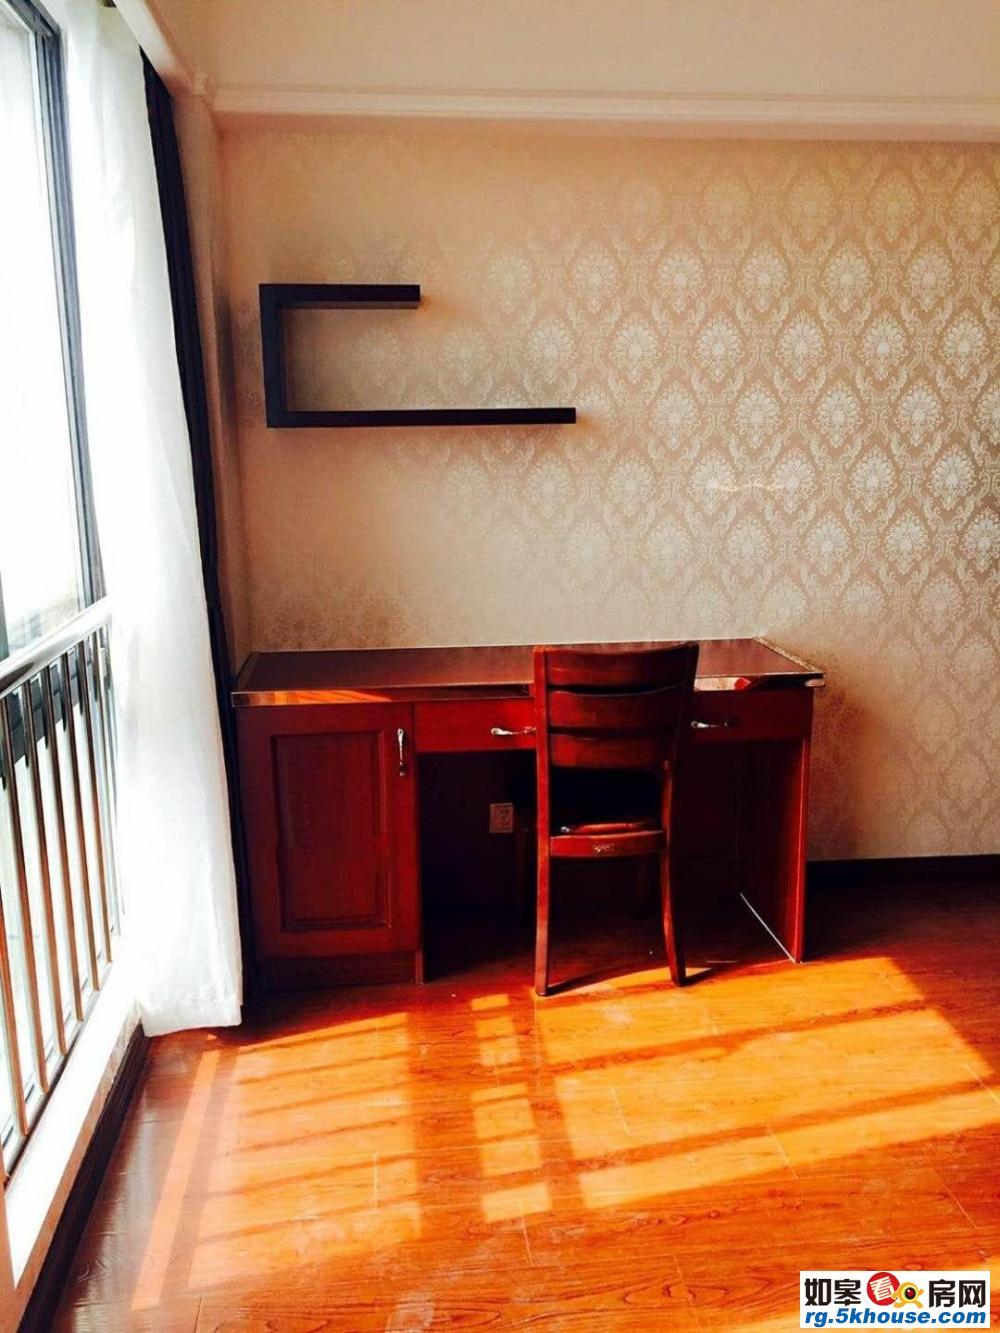 紫光新村 4/12 143平 三室两厅两卫